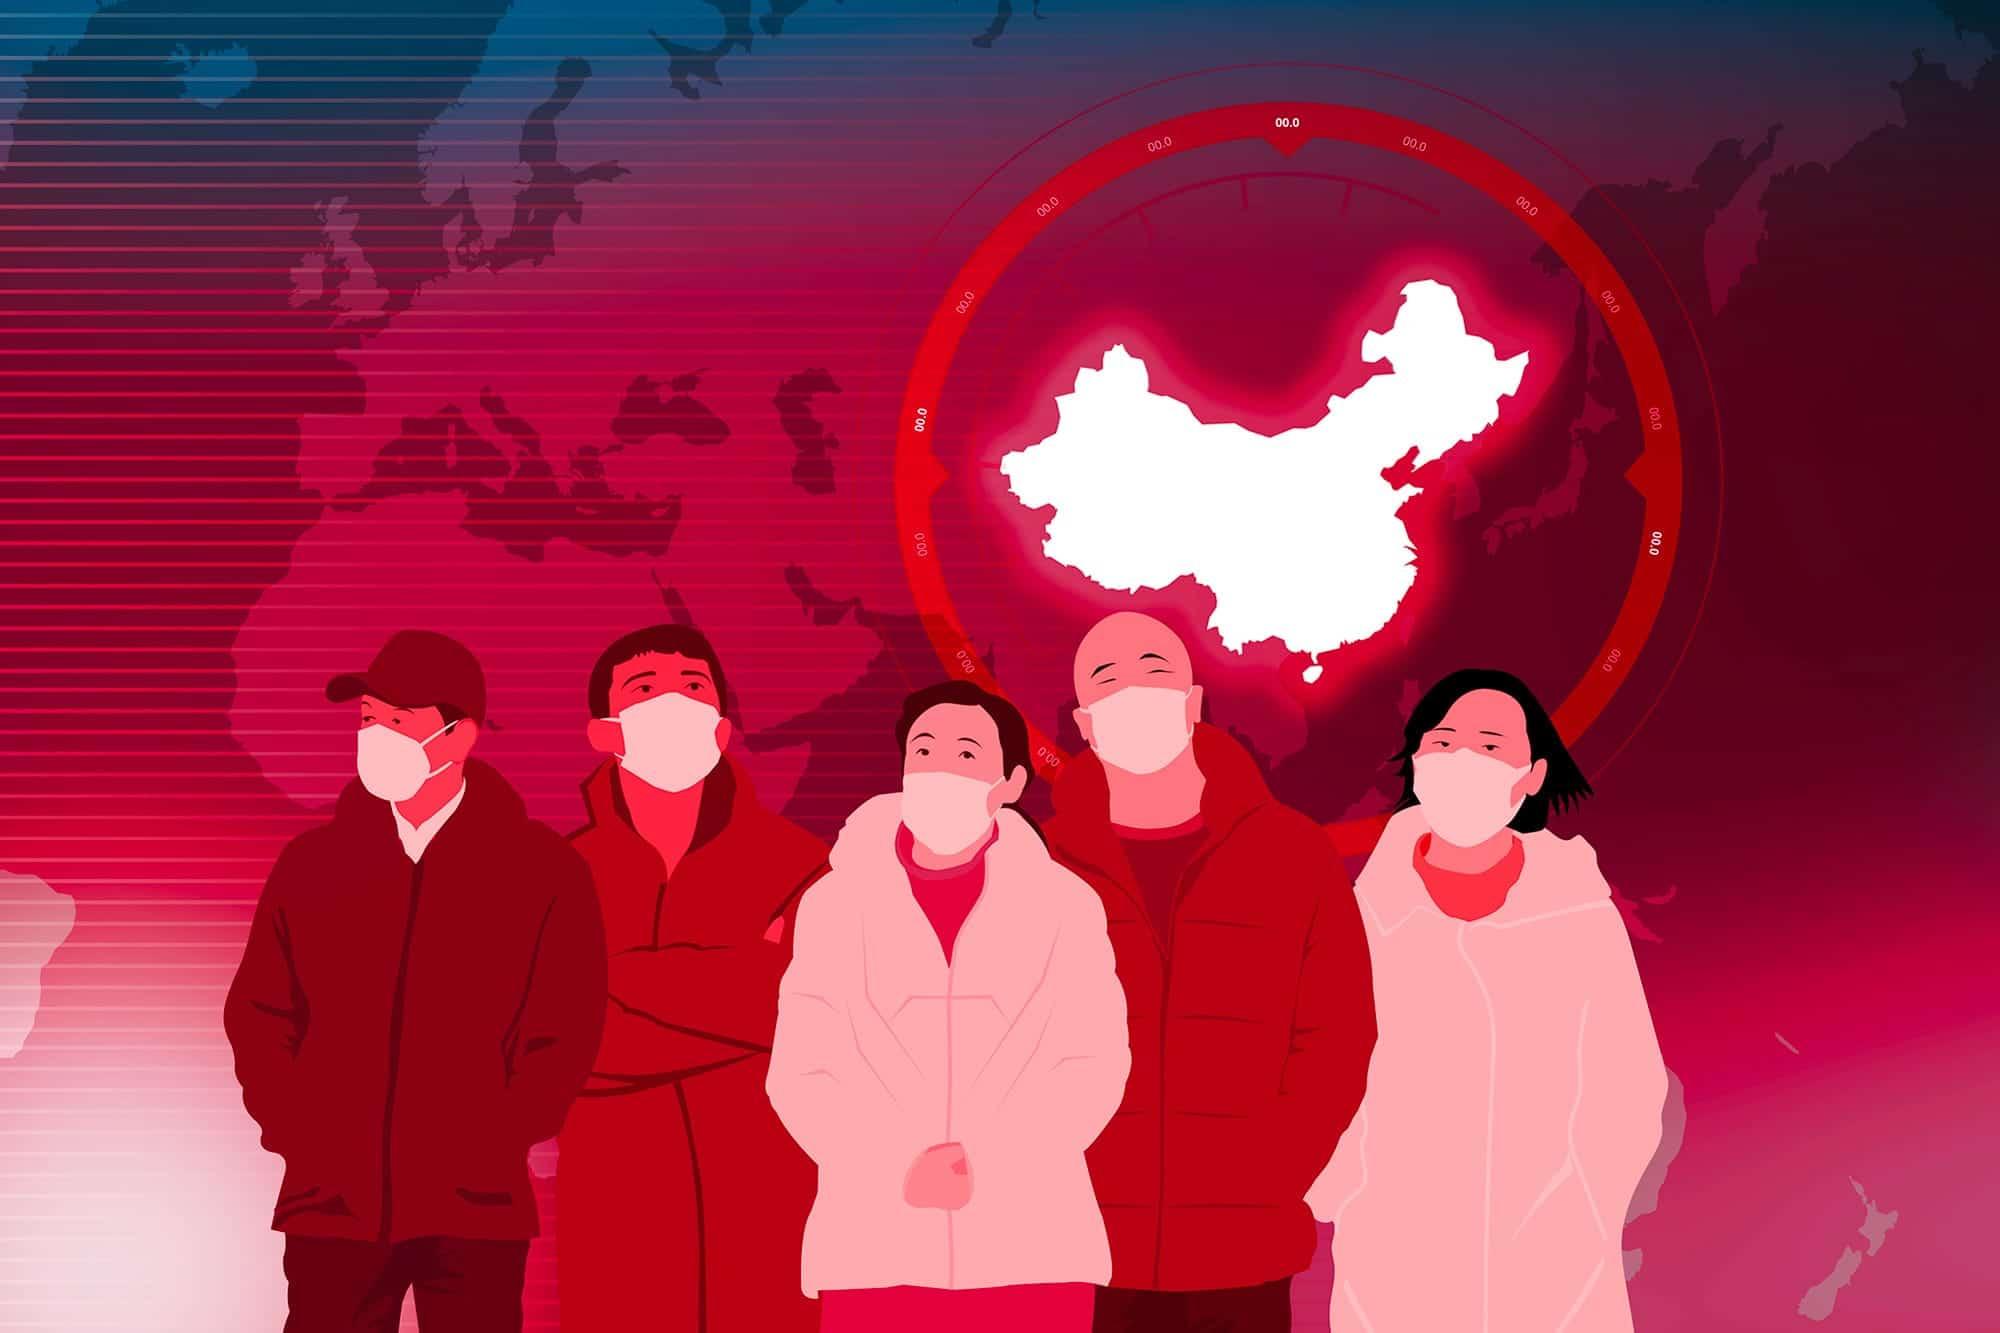 البلوكشين والتقنيات الحديثة وسائل هامة virus-china-2k.jpg